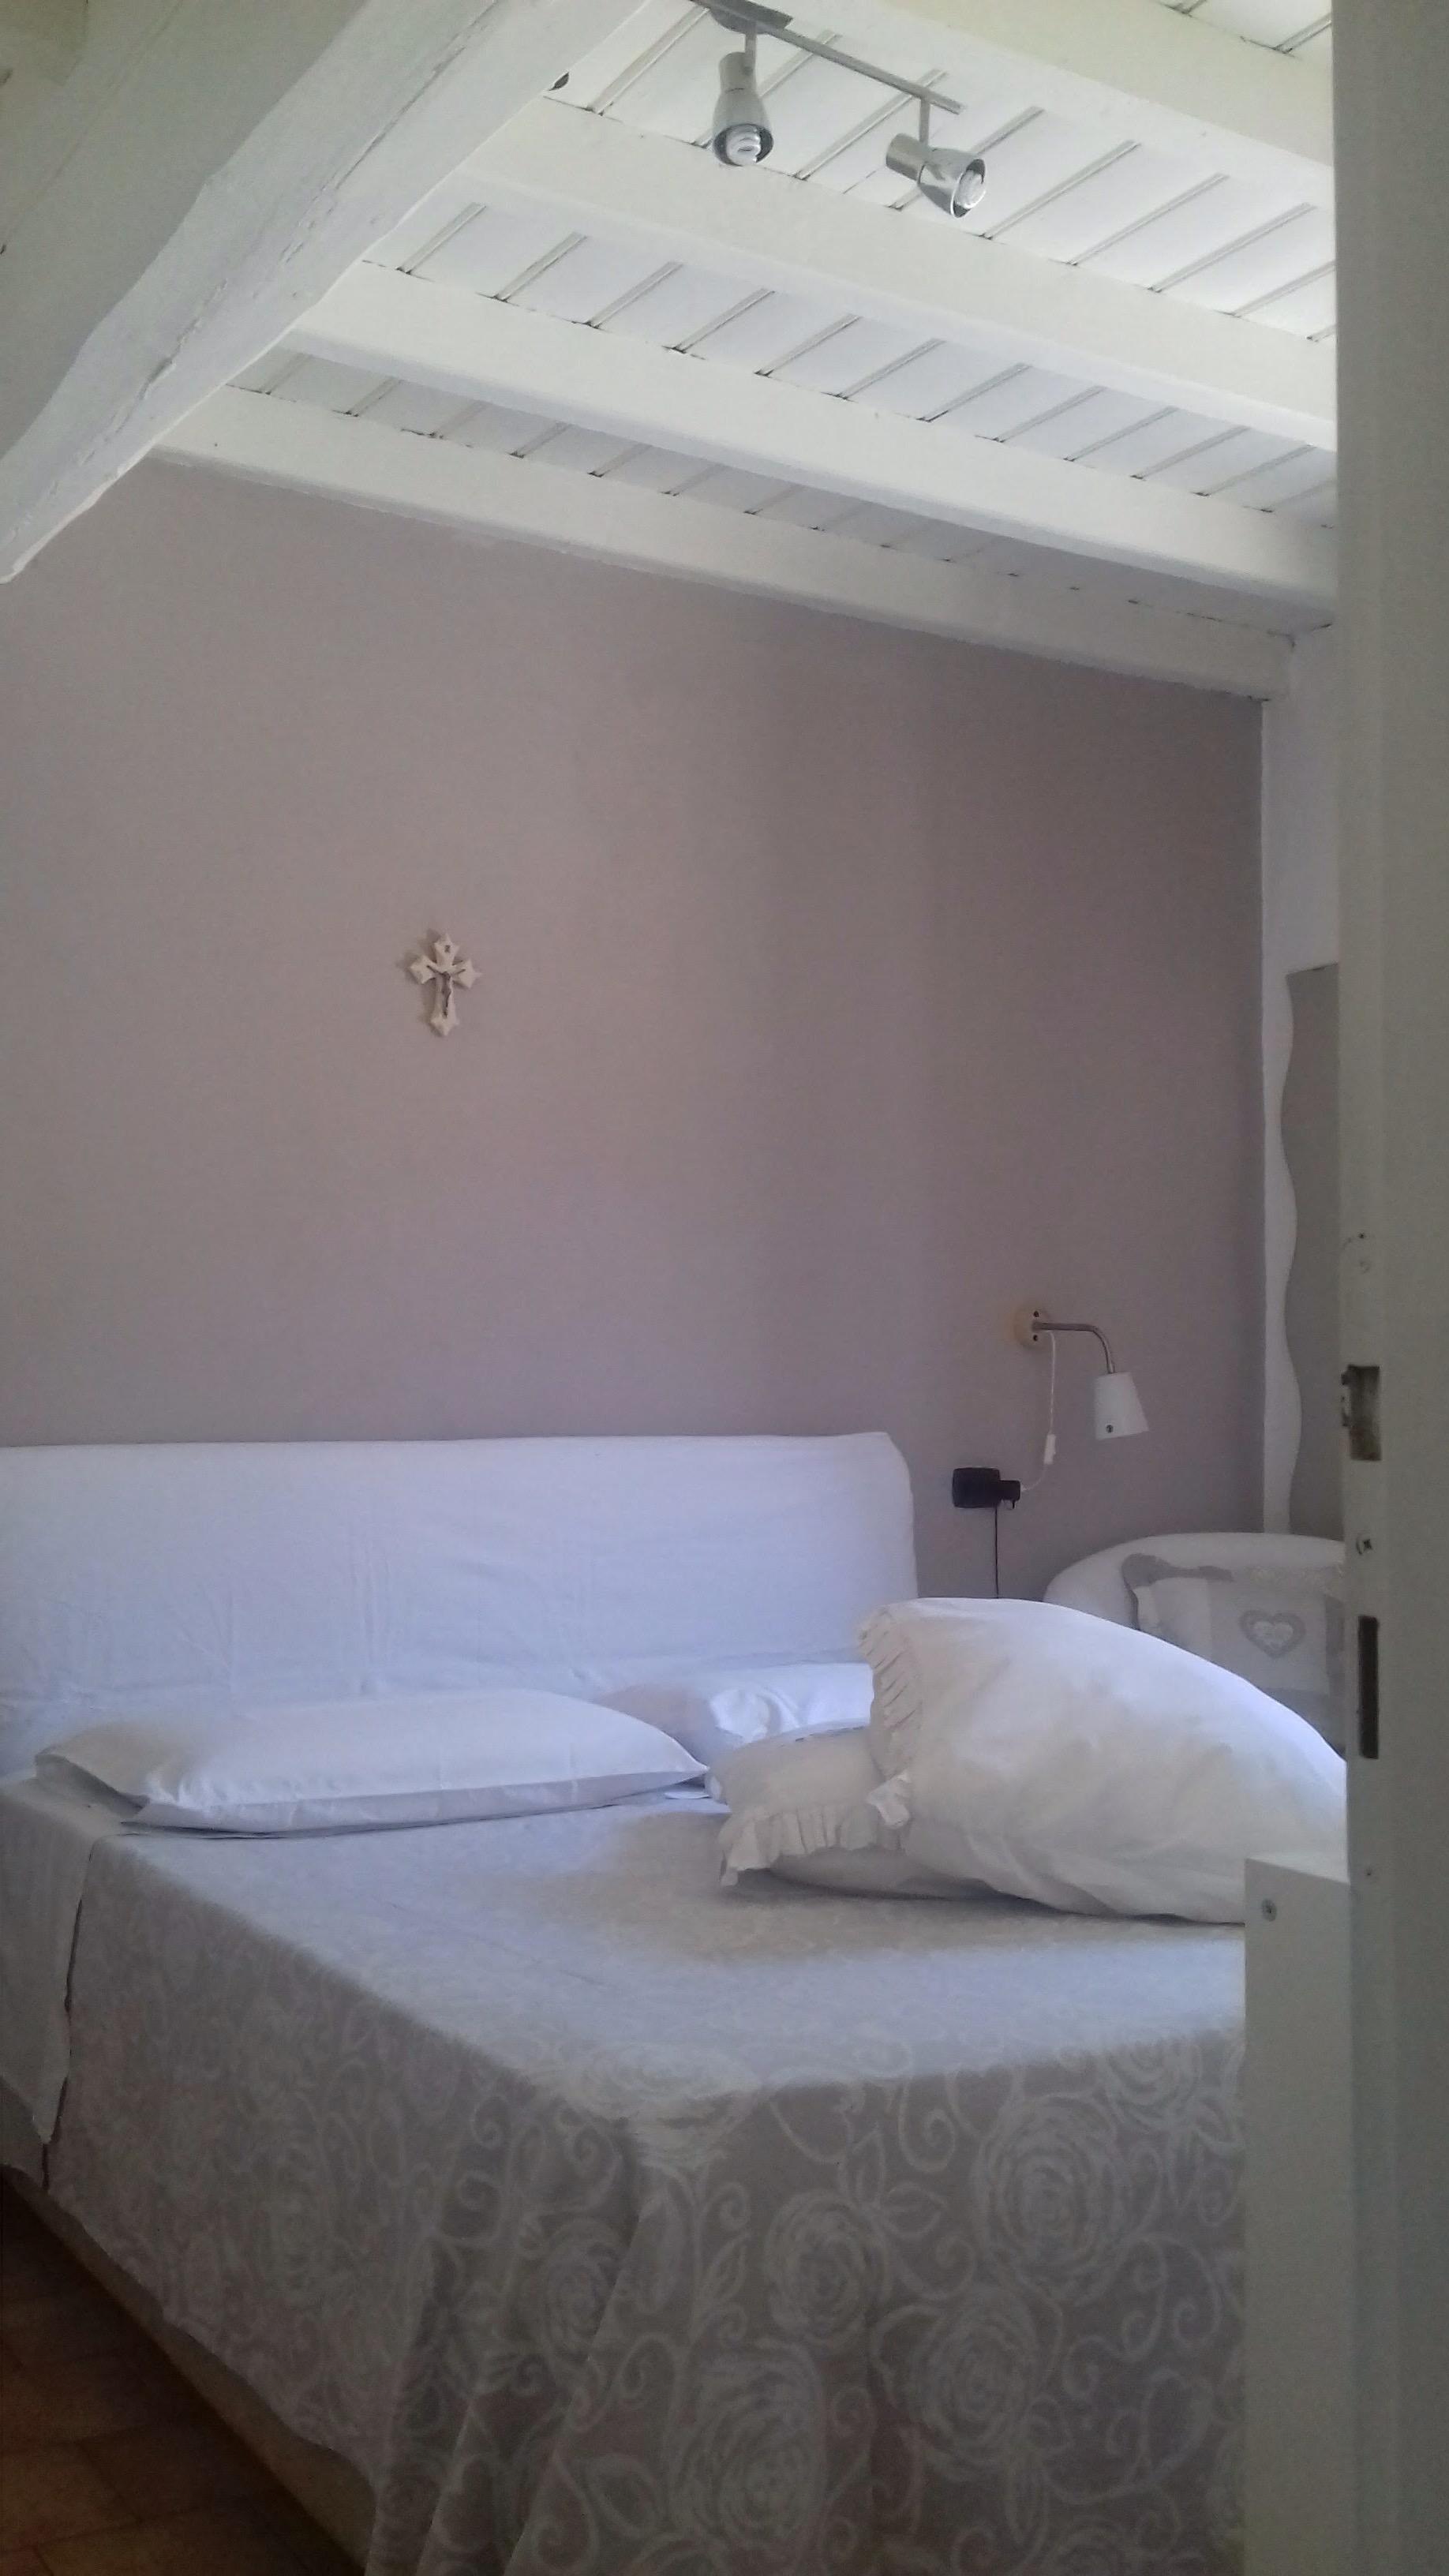 Affitto camera da letto con bagno privato wi fi a pandino - Camera da letto con bagno ...